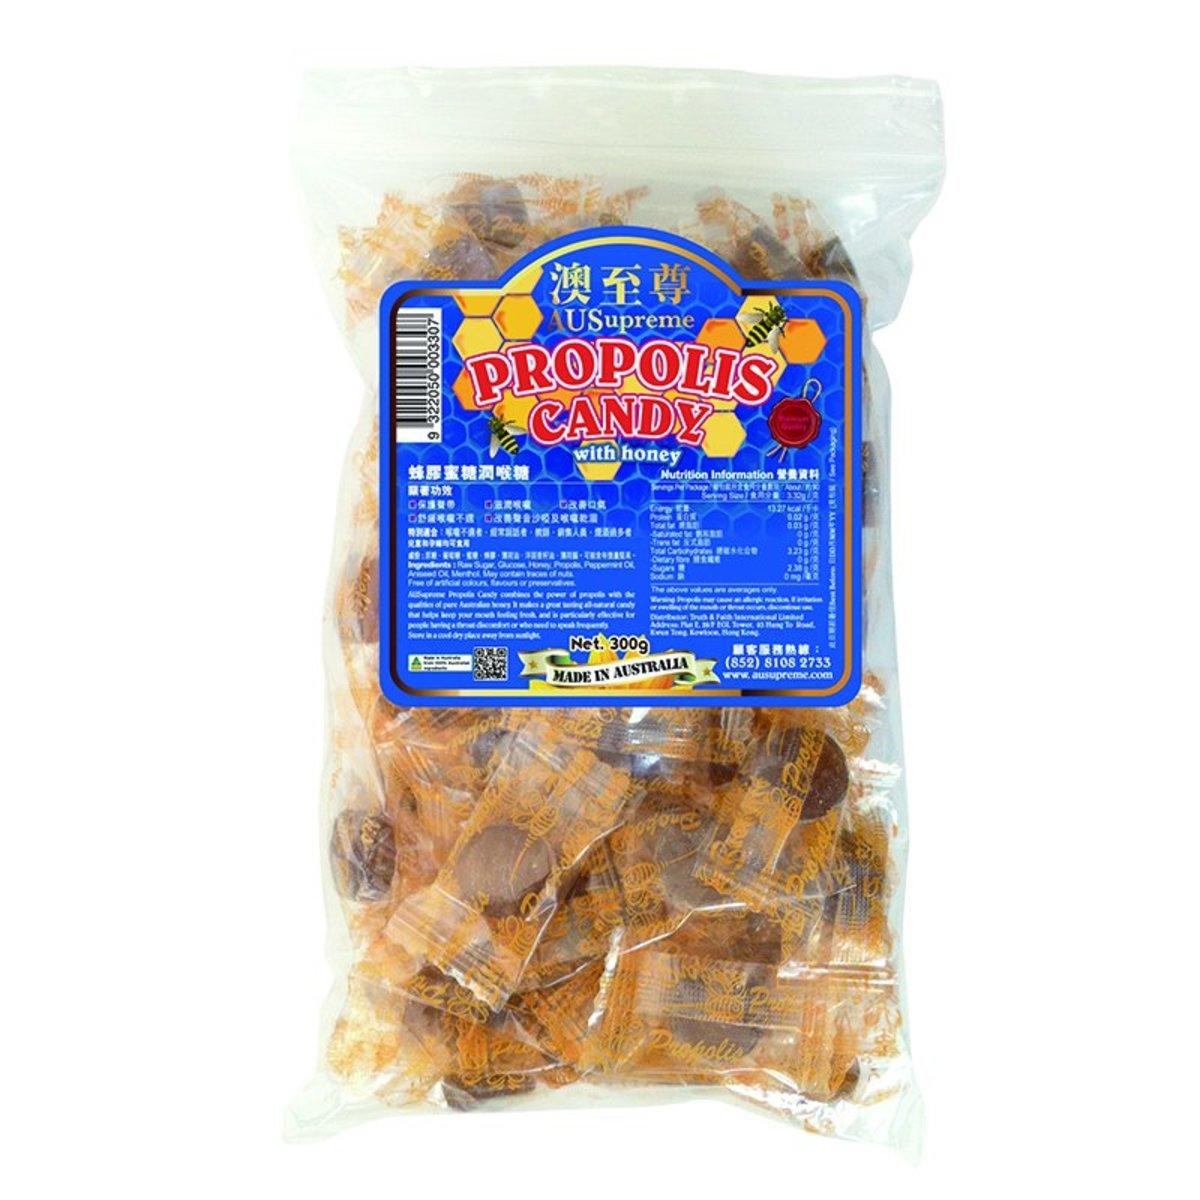 蜂膠蜜糖潤喉糖300g(包)